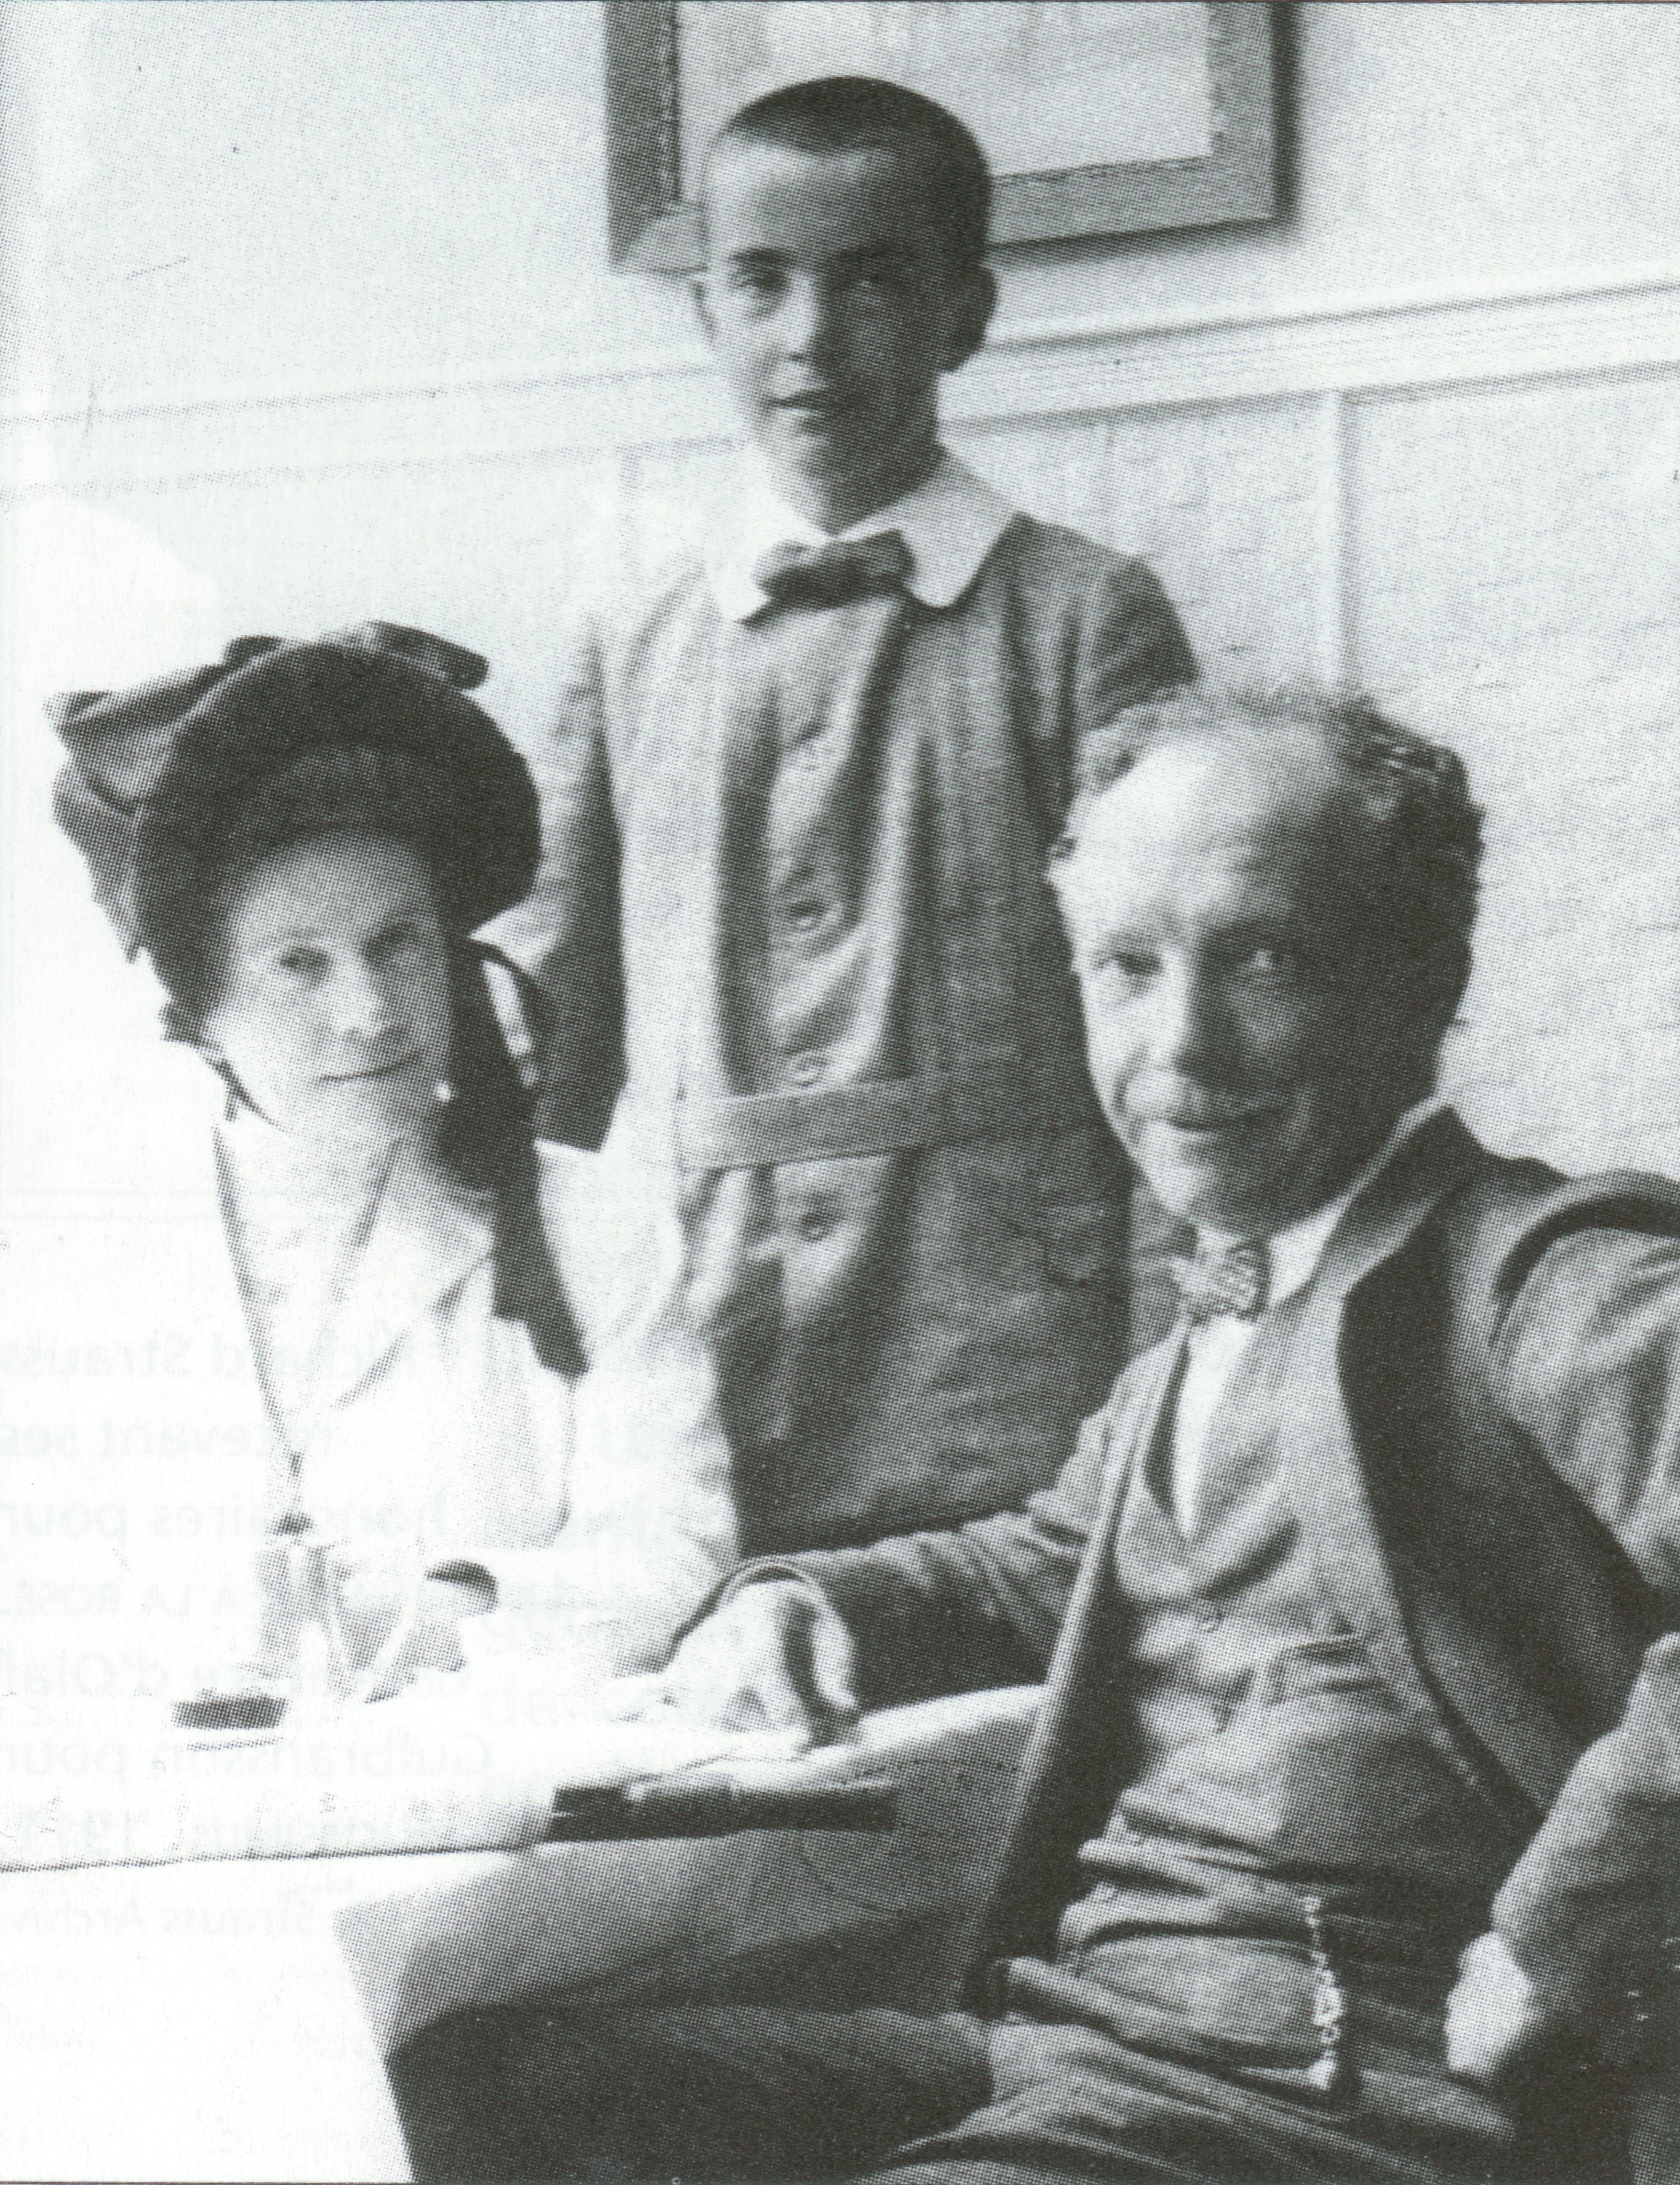 Richard STRAUSS avec son épouse Pauline et son fils Franz, vers 1910, cliquer pour une vue agrandie